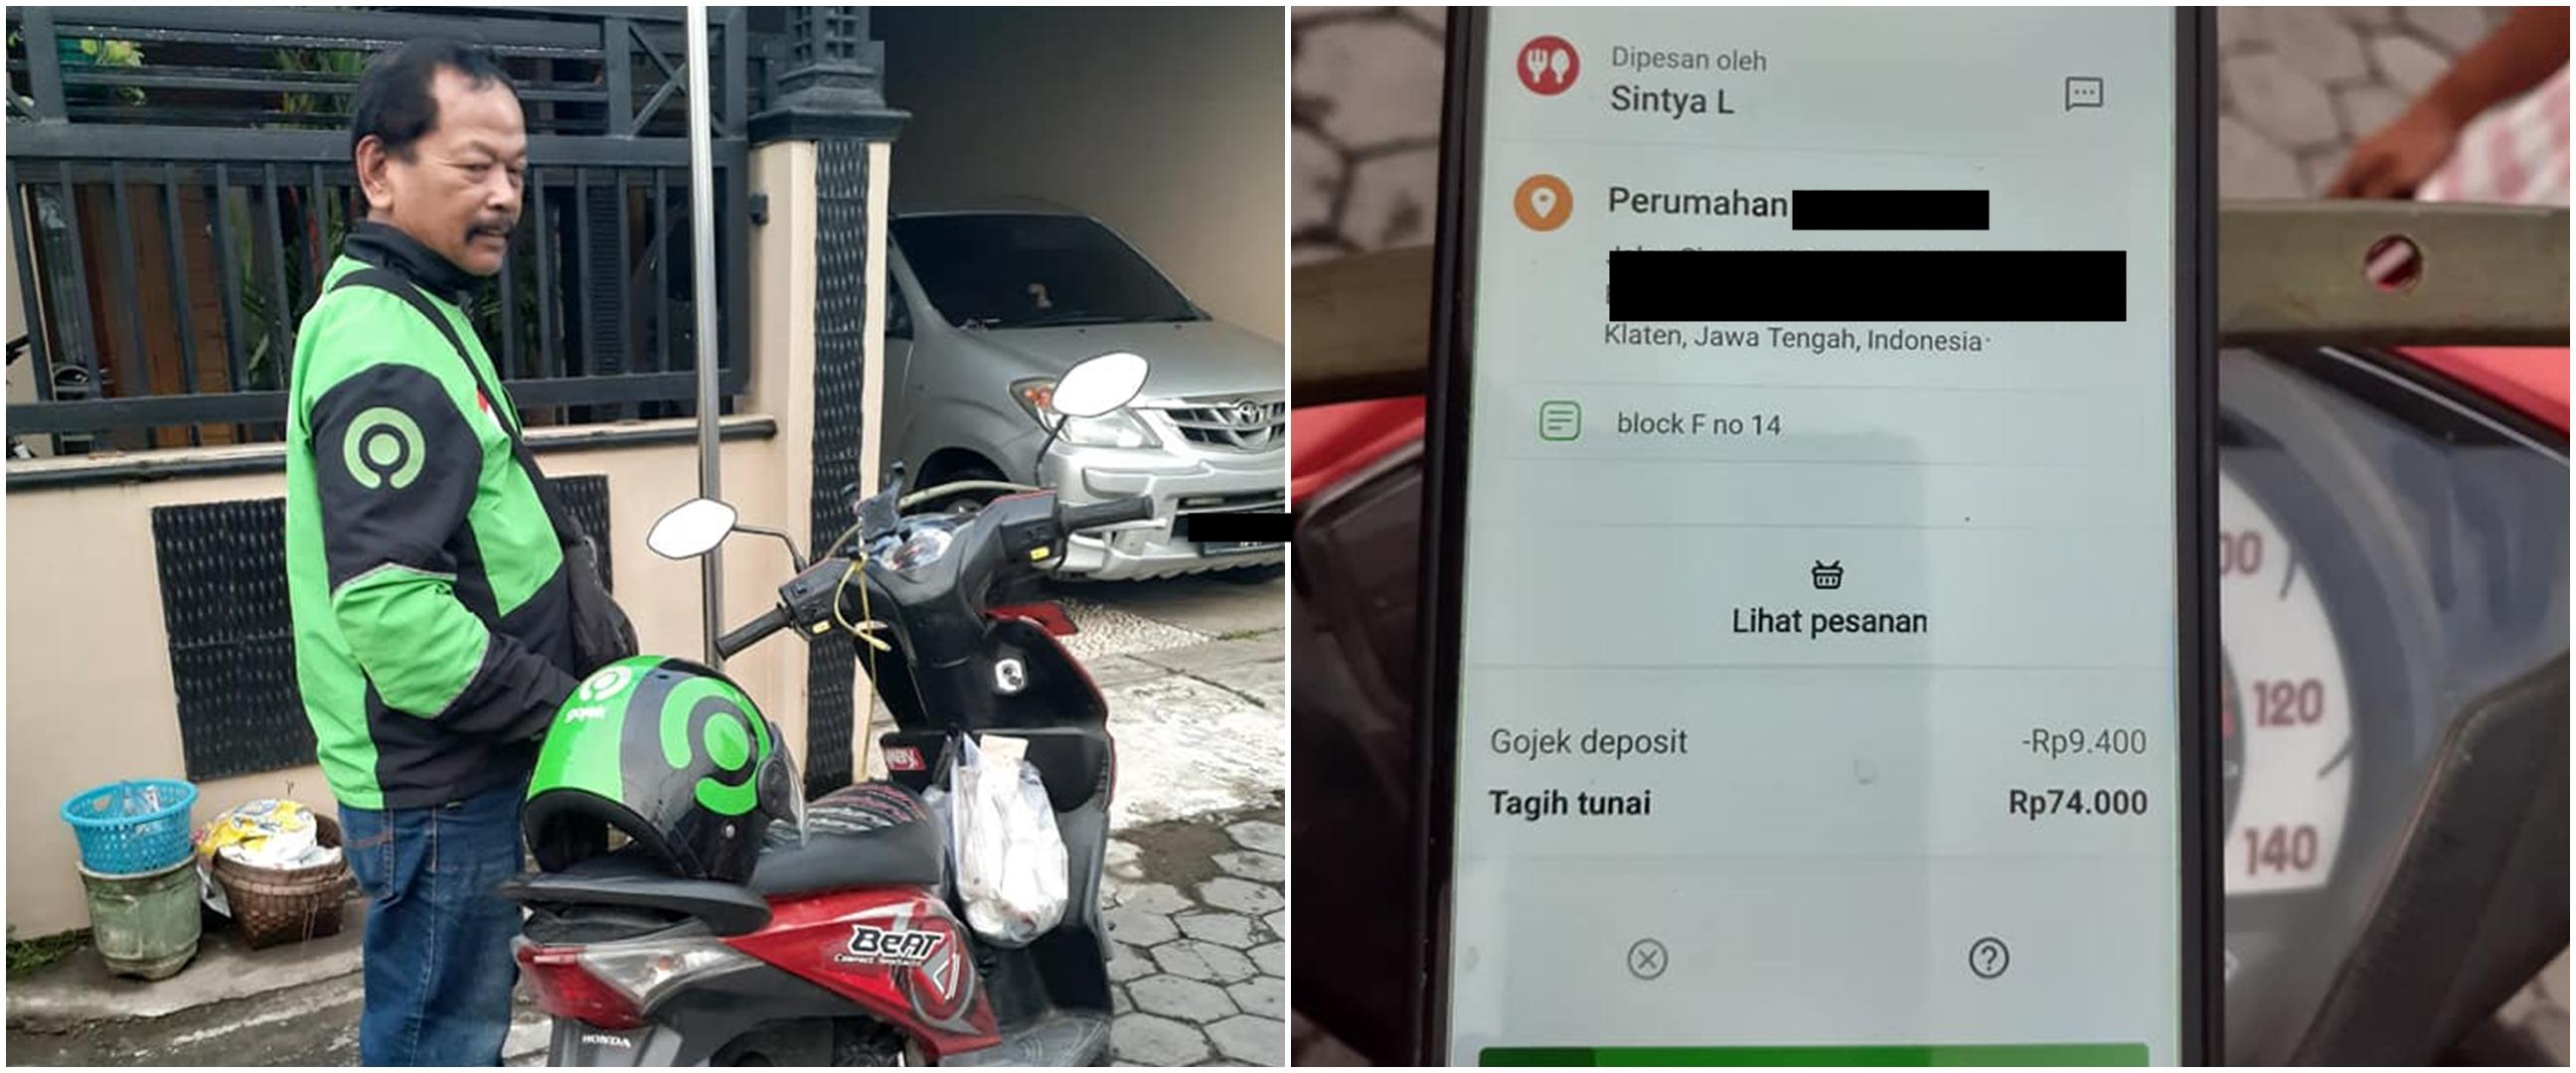 Kisah driver ojek online tempuh 16 Km, padahal orderan fiktif